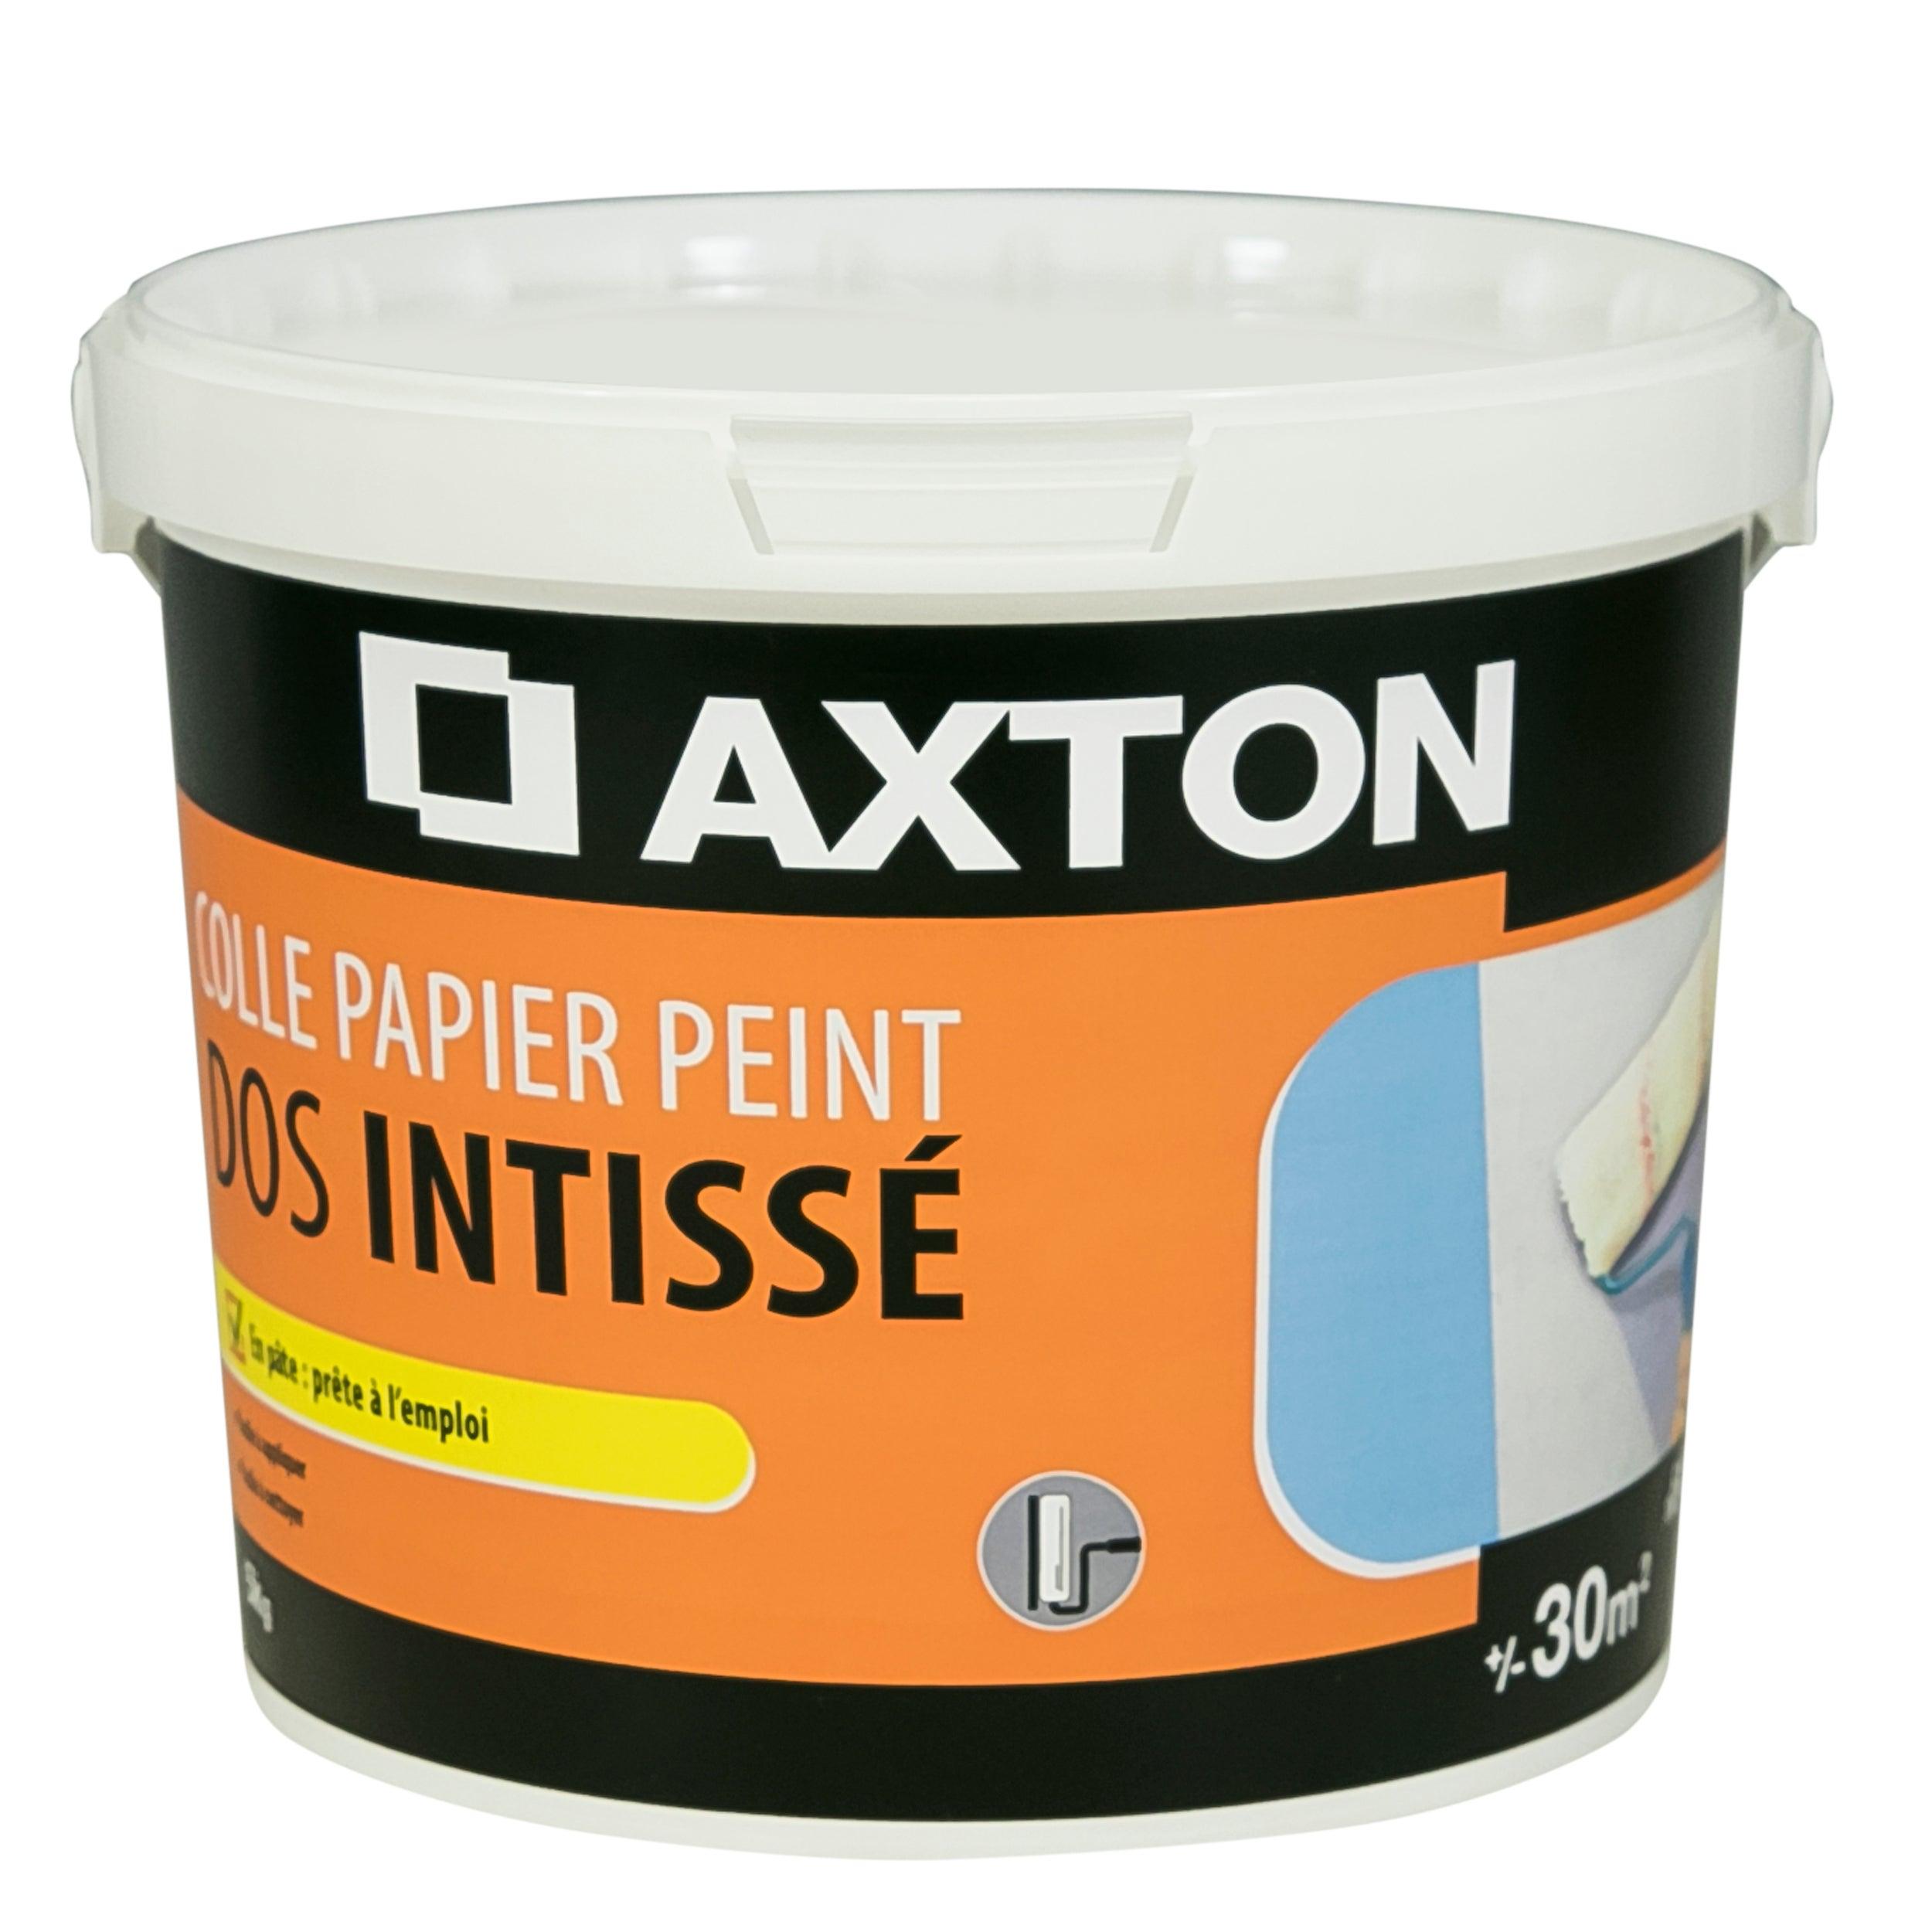 Colle Papier Peint Intisse Axton 5 Kg Leroy Merlin